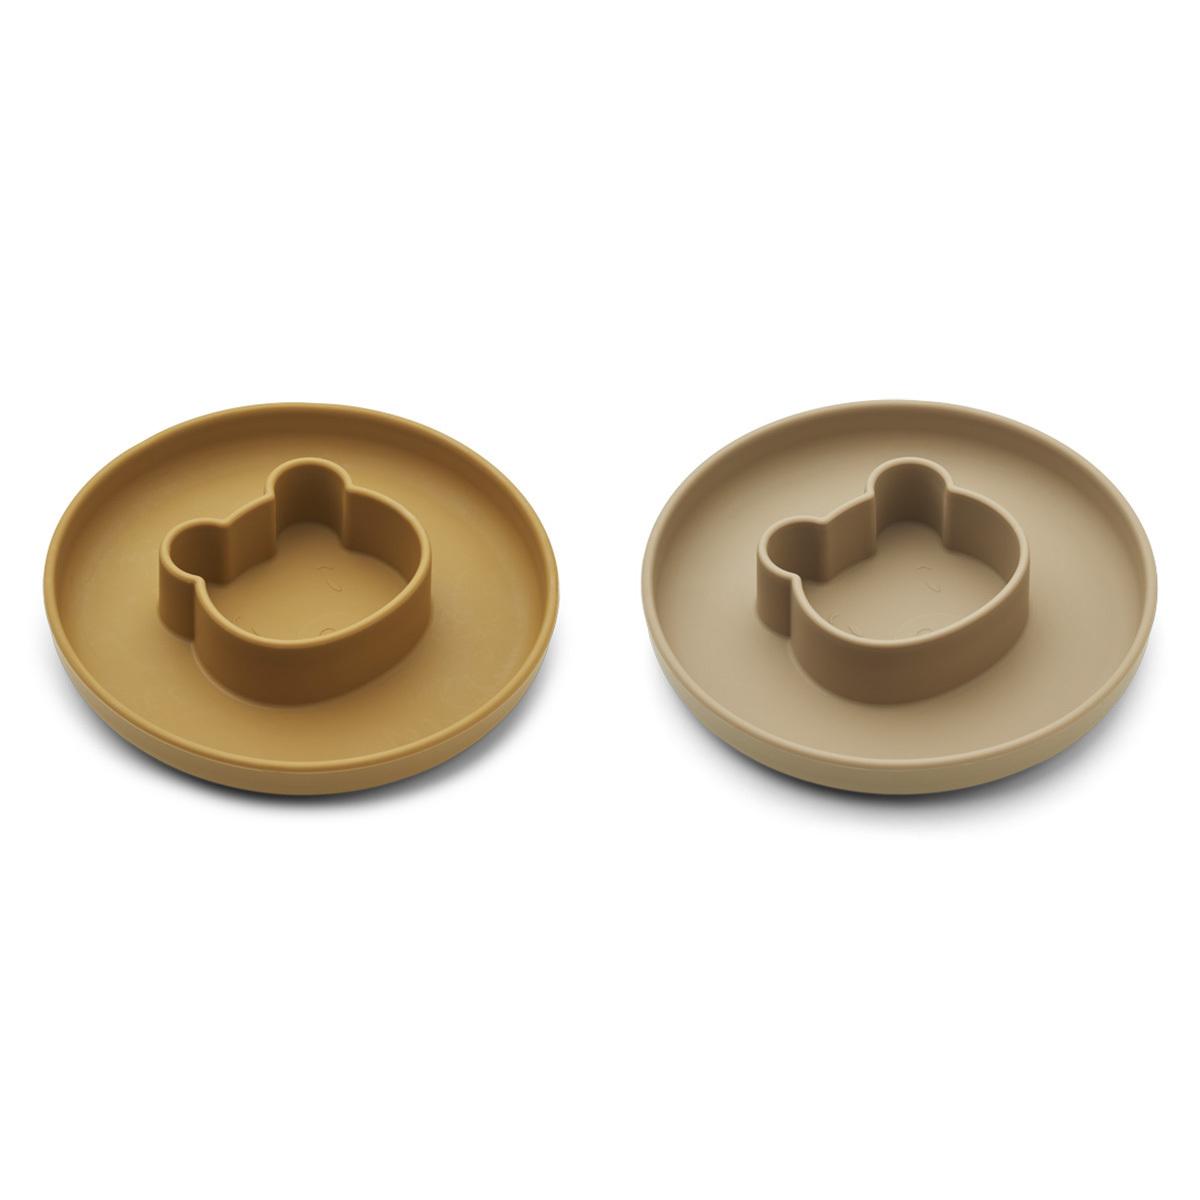 Vaisselle & Couvert Lot de 2 Assiettes Gordon - Mr Bear Golden Caramel Oat Mix Lot de 2 Assiettes Gordon - Mr Bear Golden Caramel Oat Mix